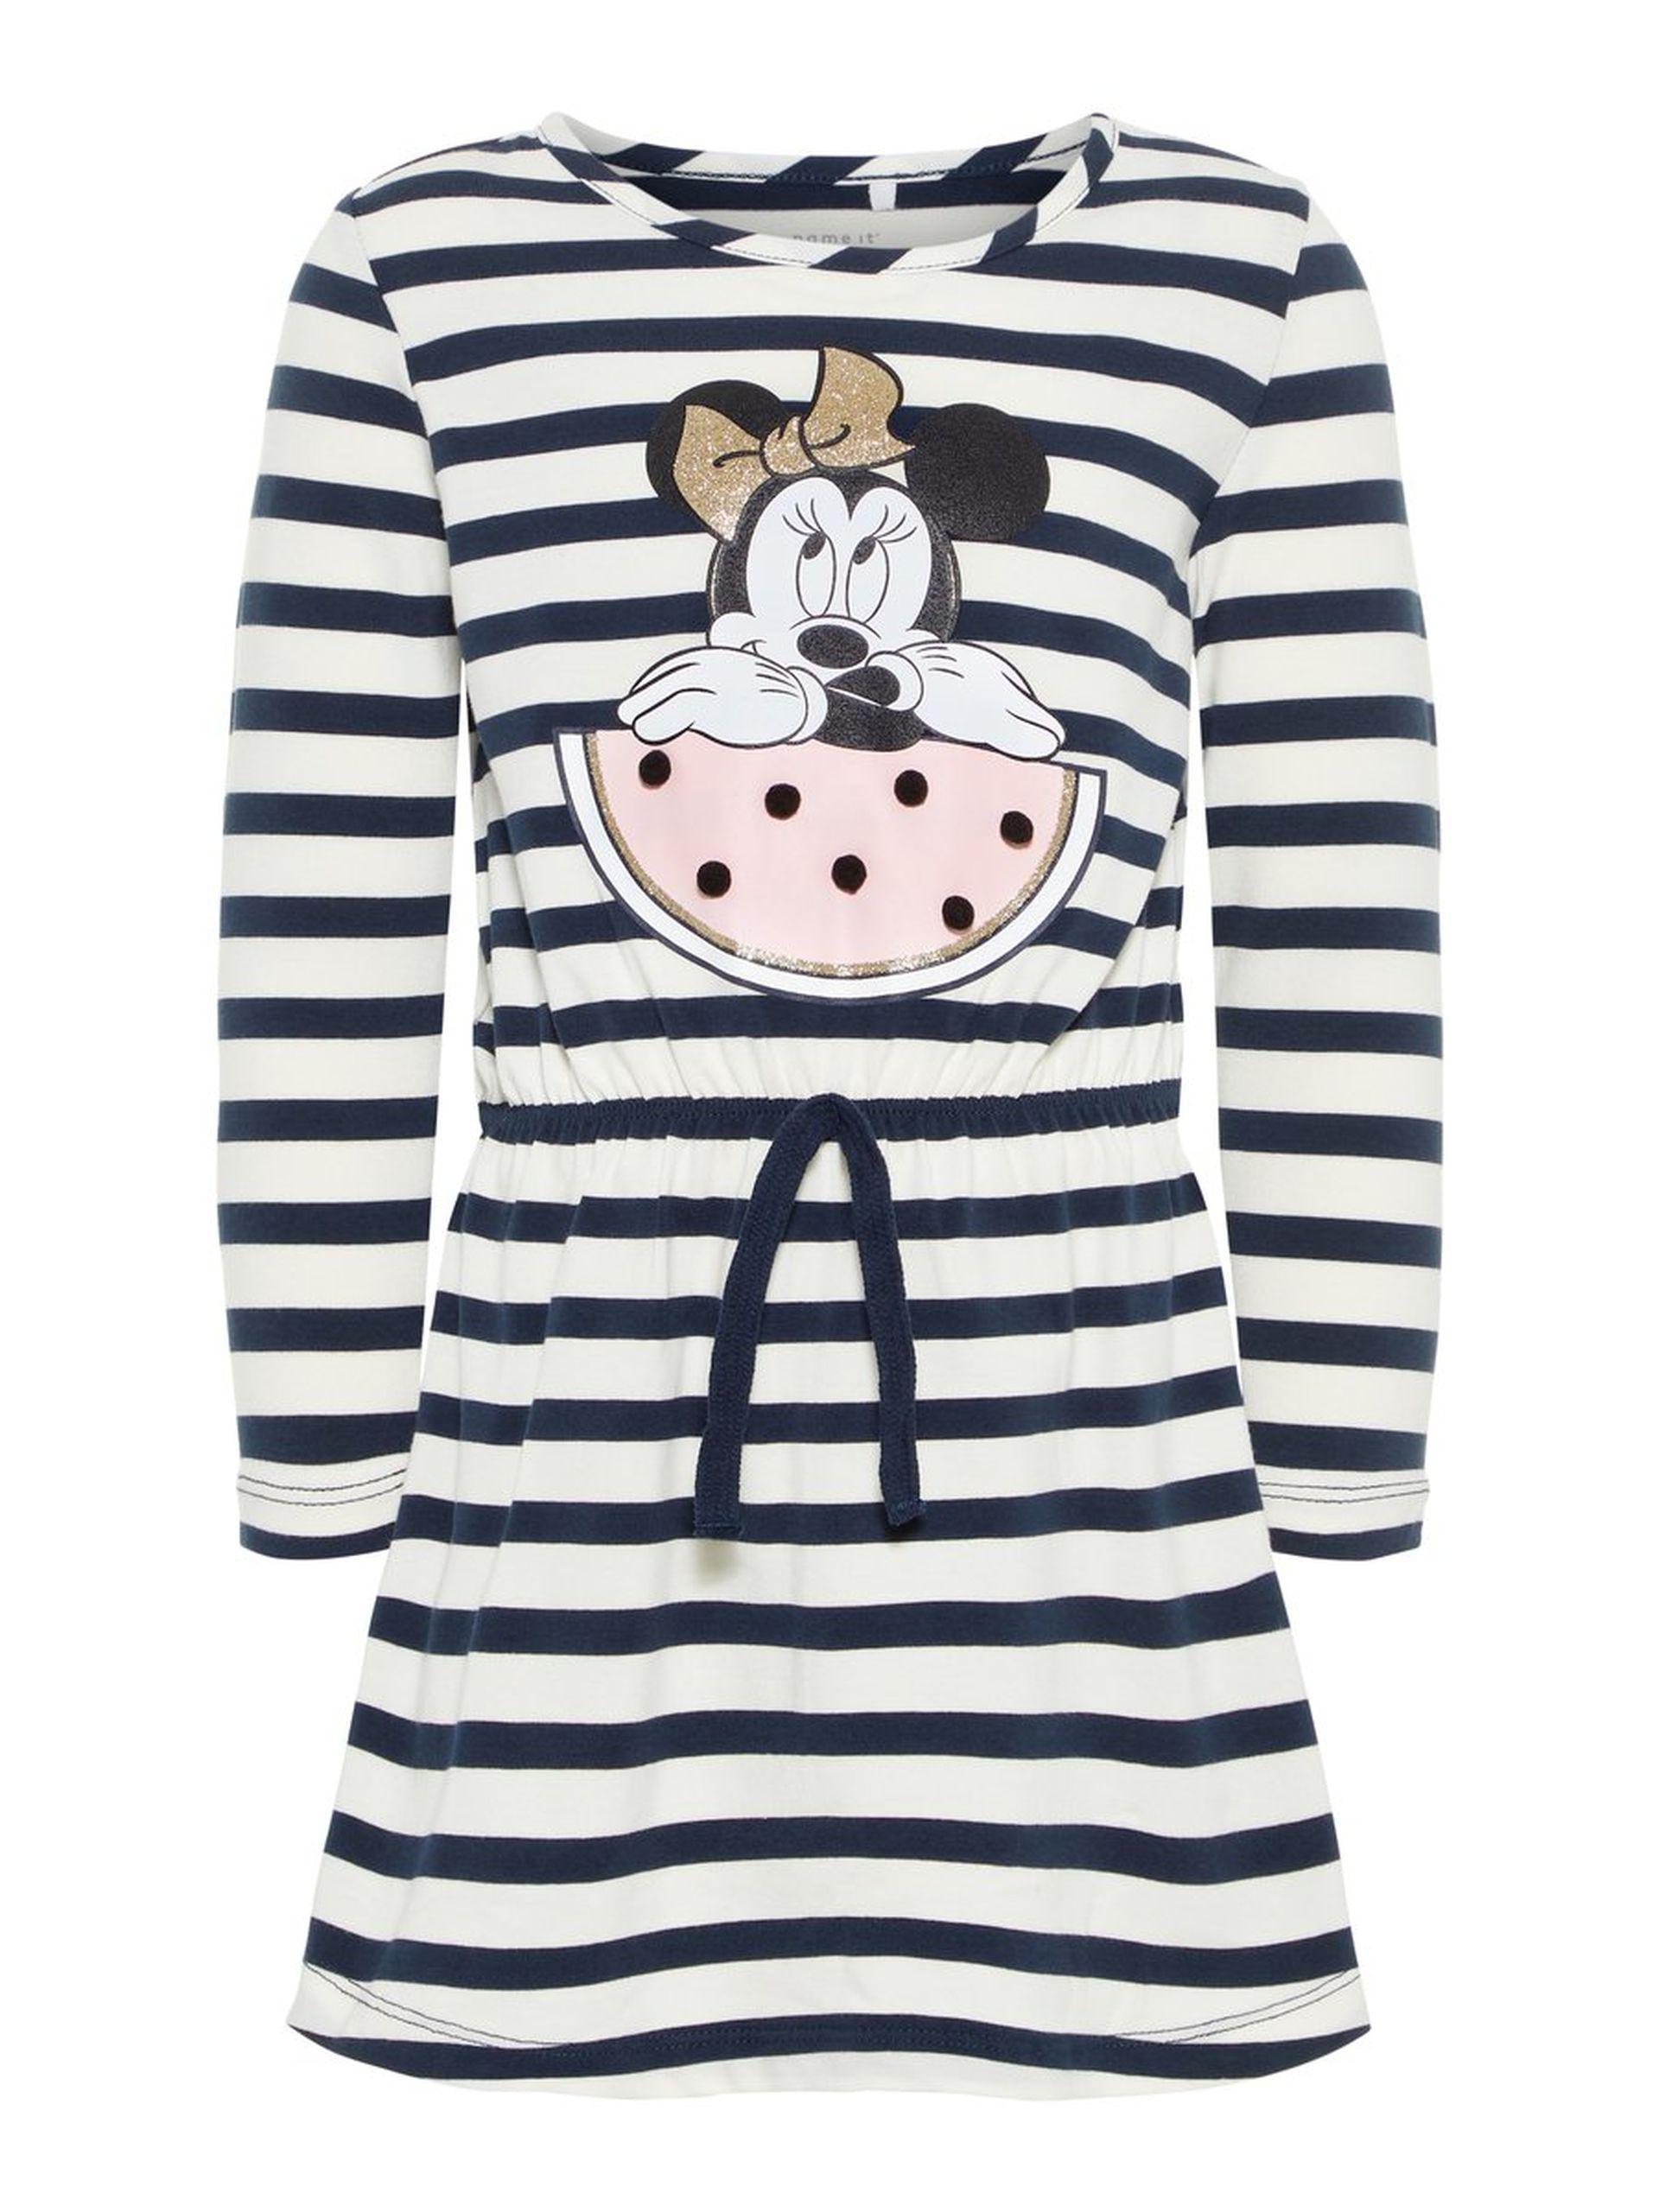 Kjole Minnie Mus. Name It kjole, hverdagskjole til barn